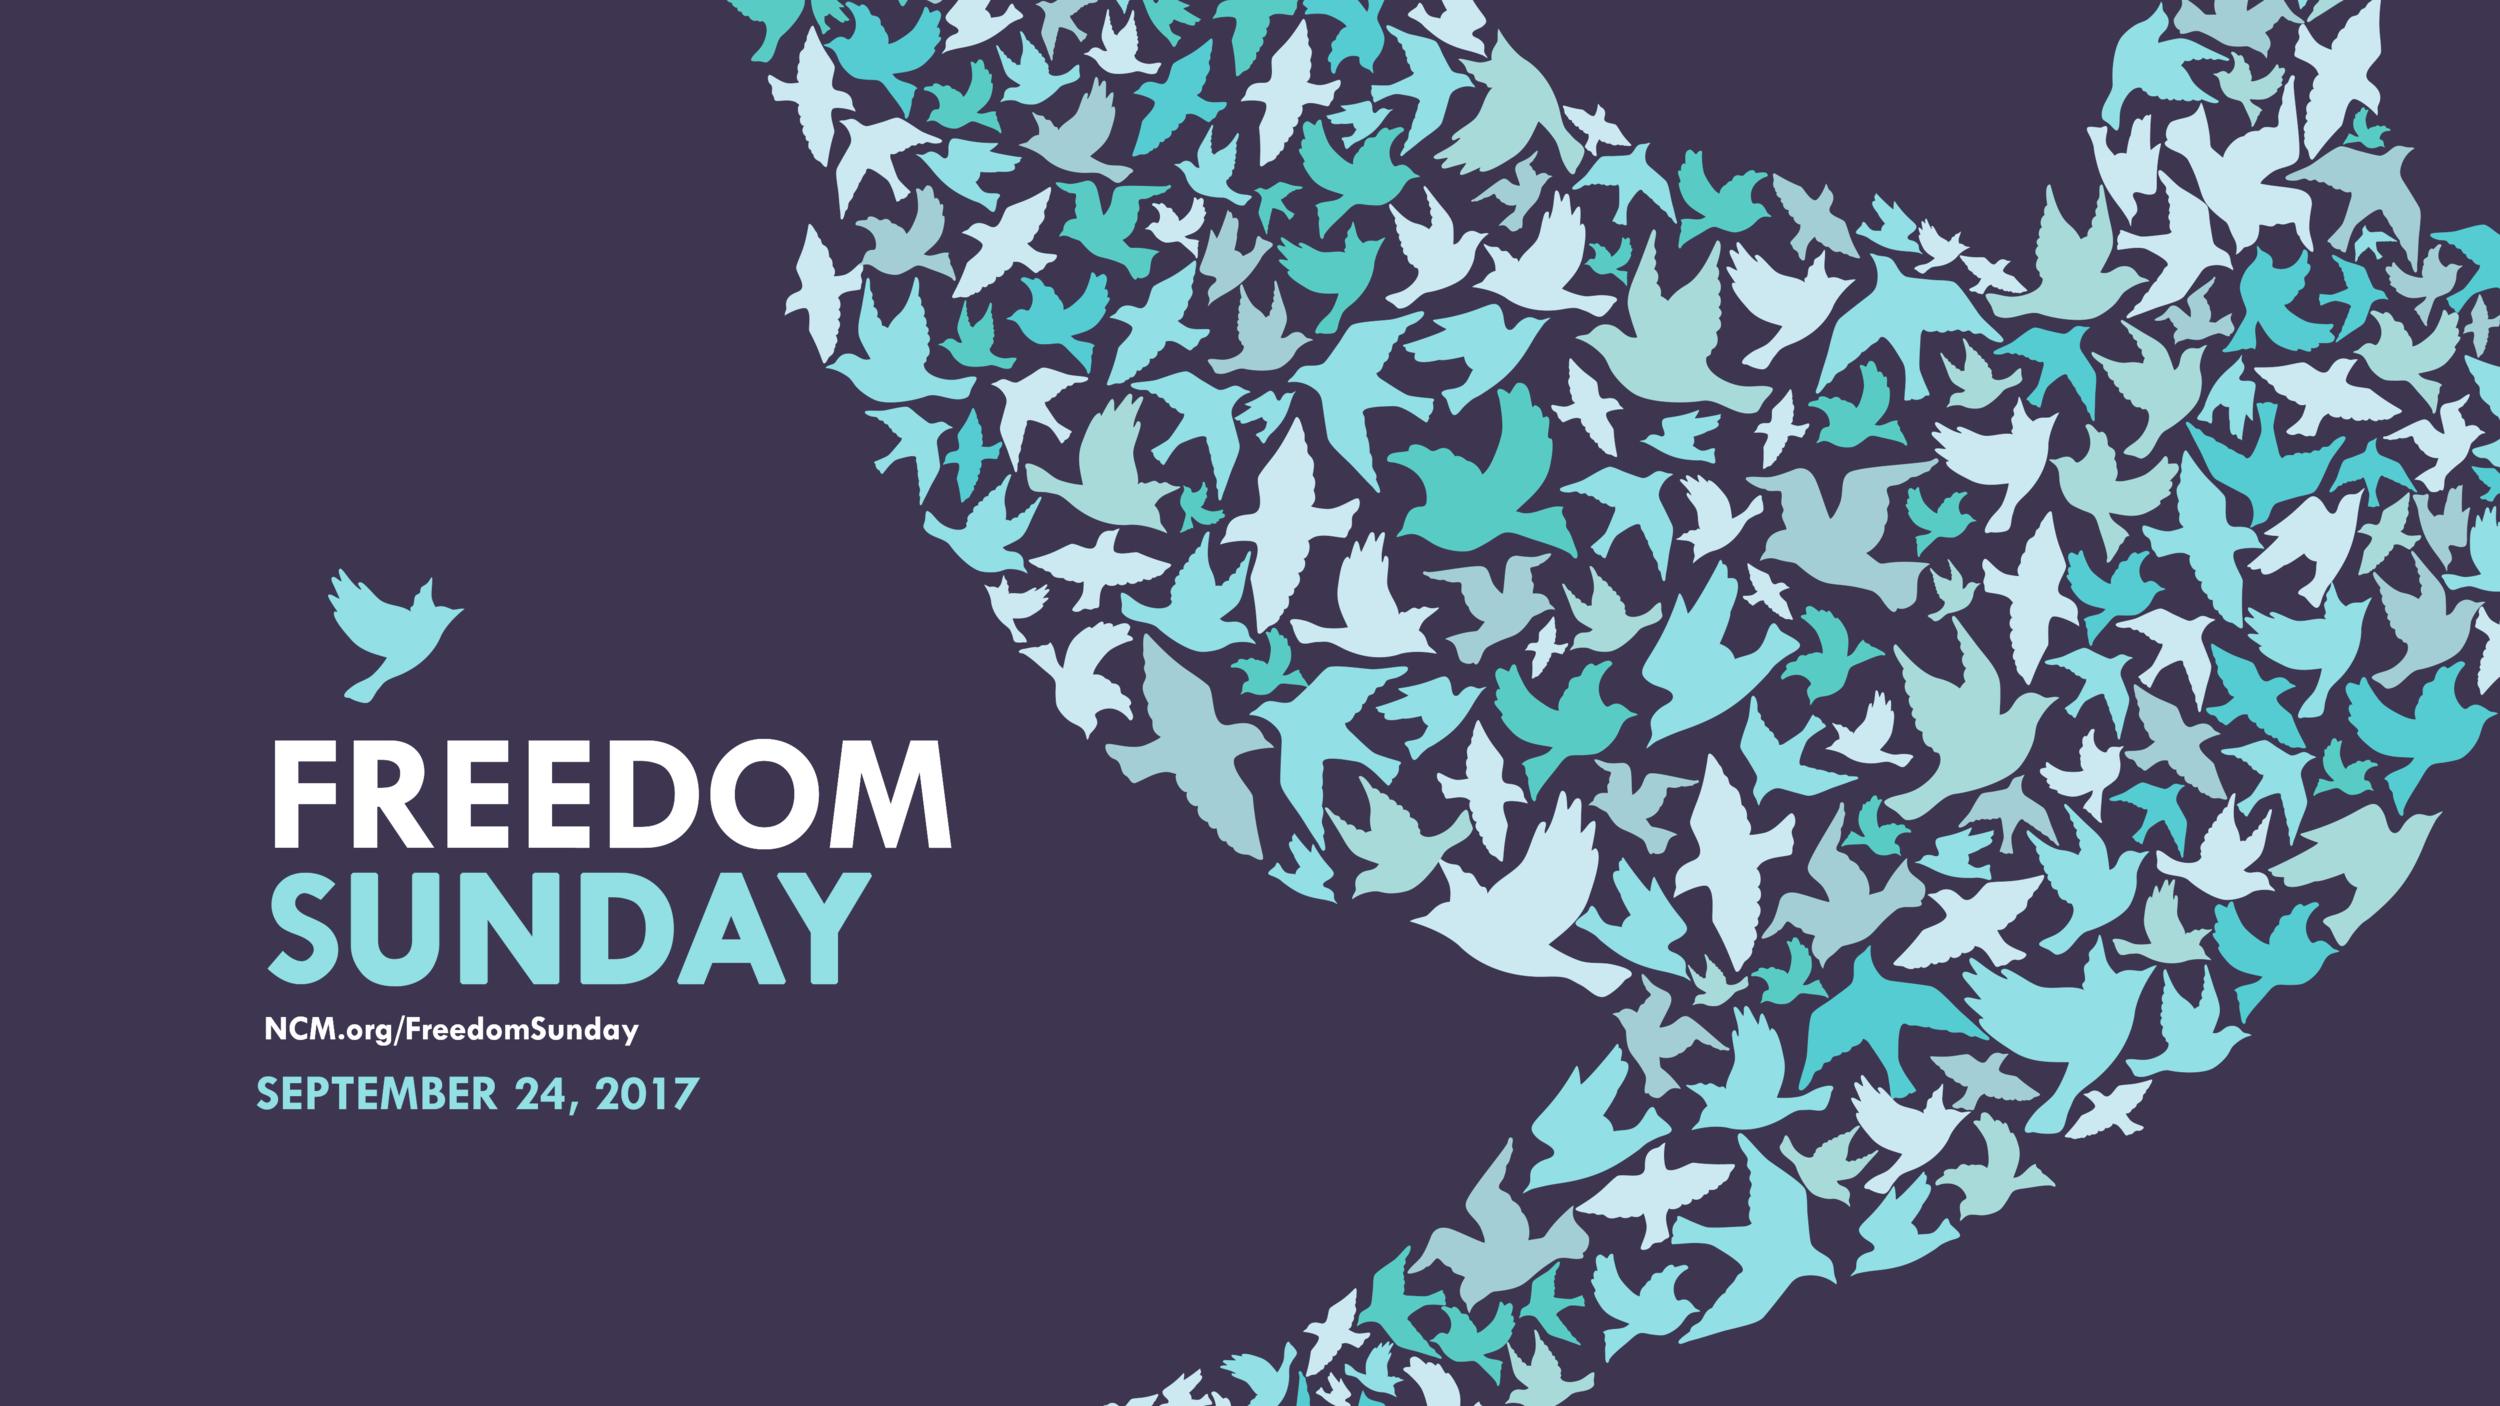 FreedomSundayLogos2png.png